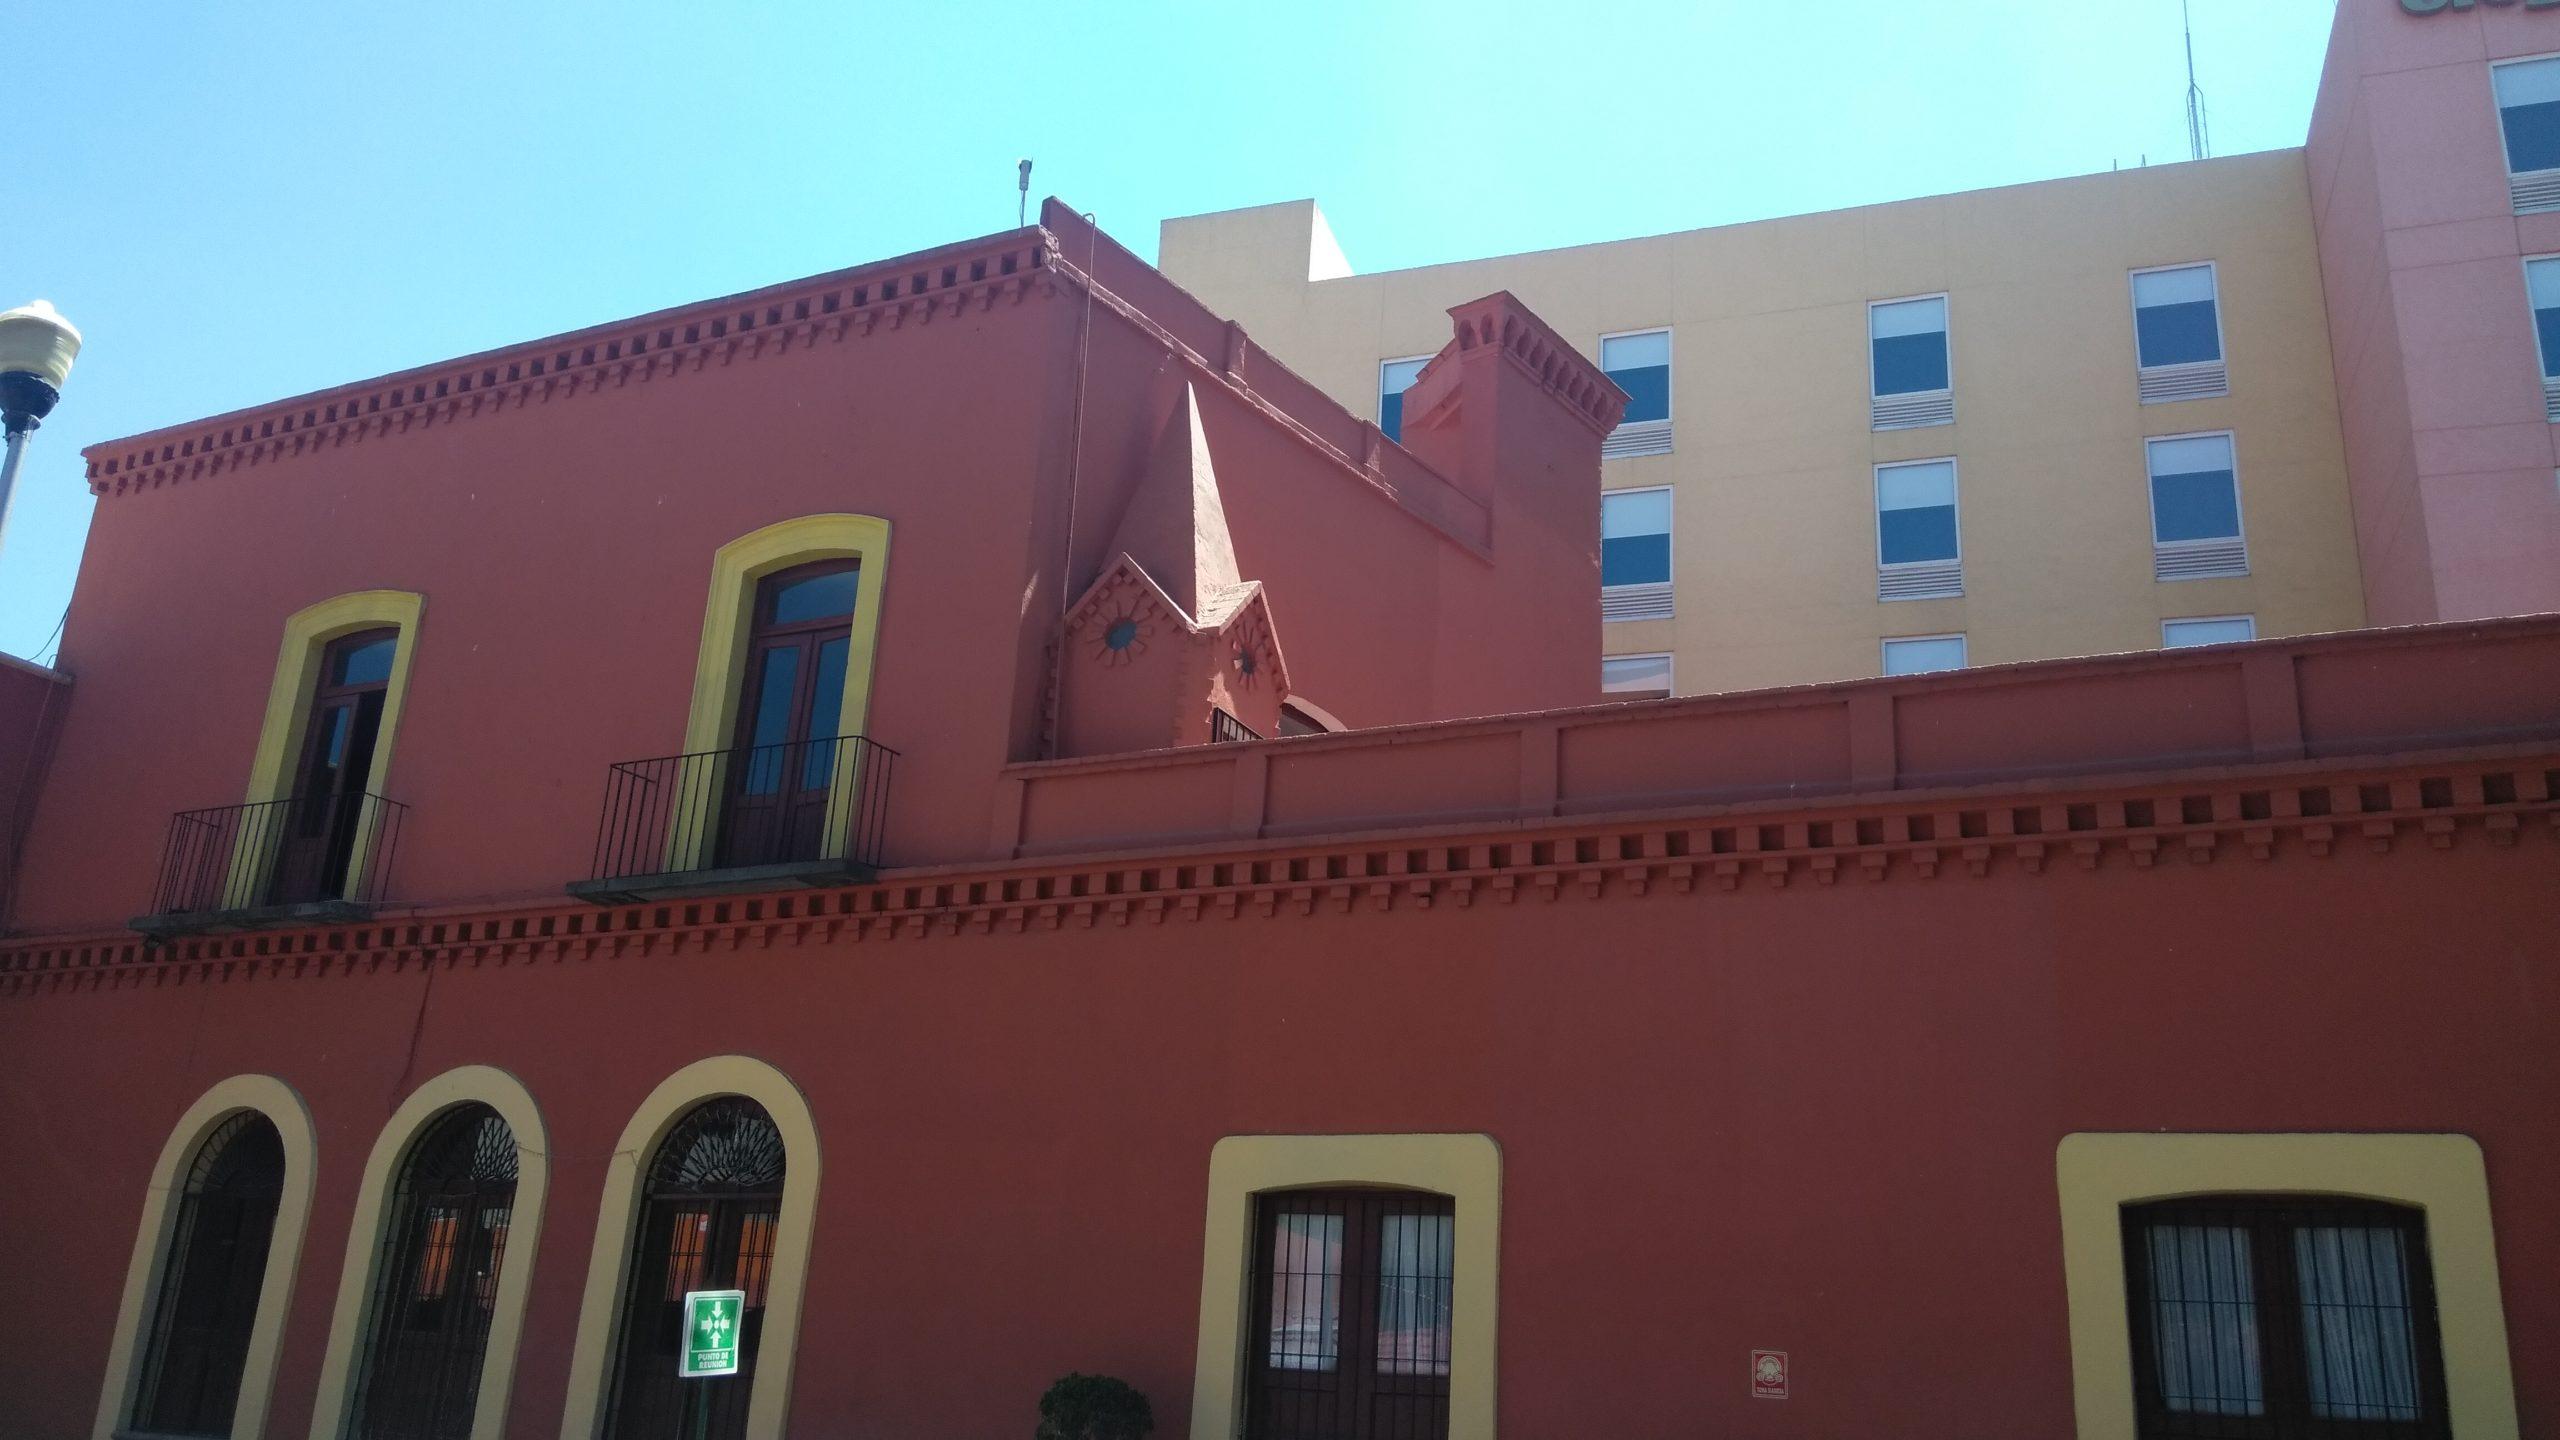 20 HOTELES EN PUEBLA HAN CERRADO POR BAJA OCUPACIÓN, LAS PÉRDIDAS ECONÓMICAS SON CUANTIOSAS